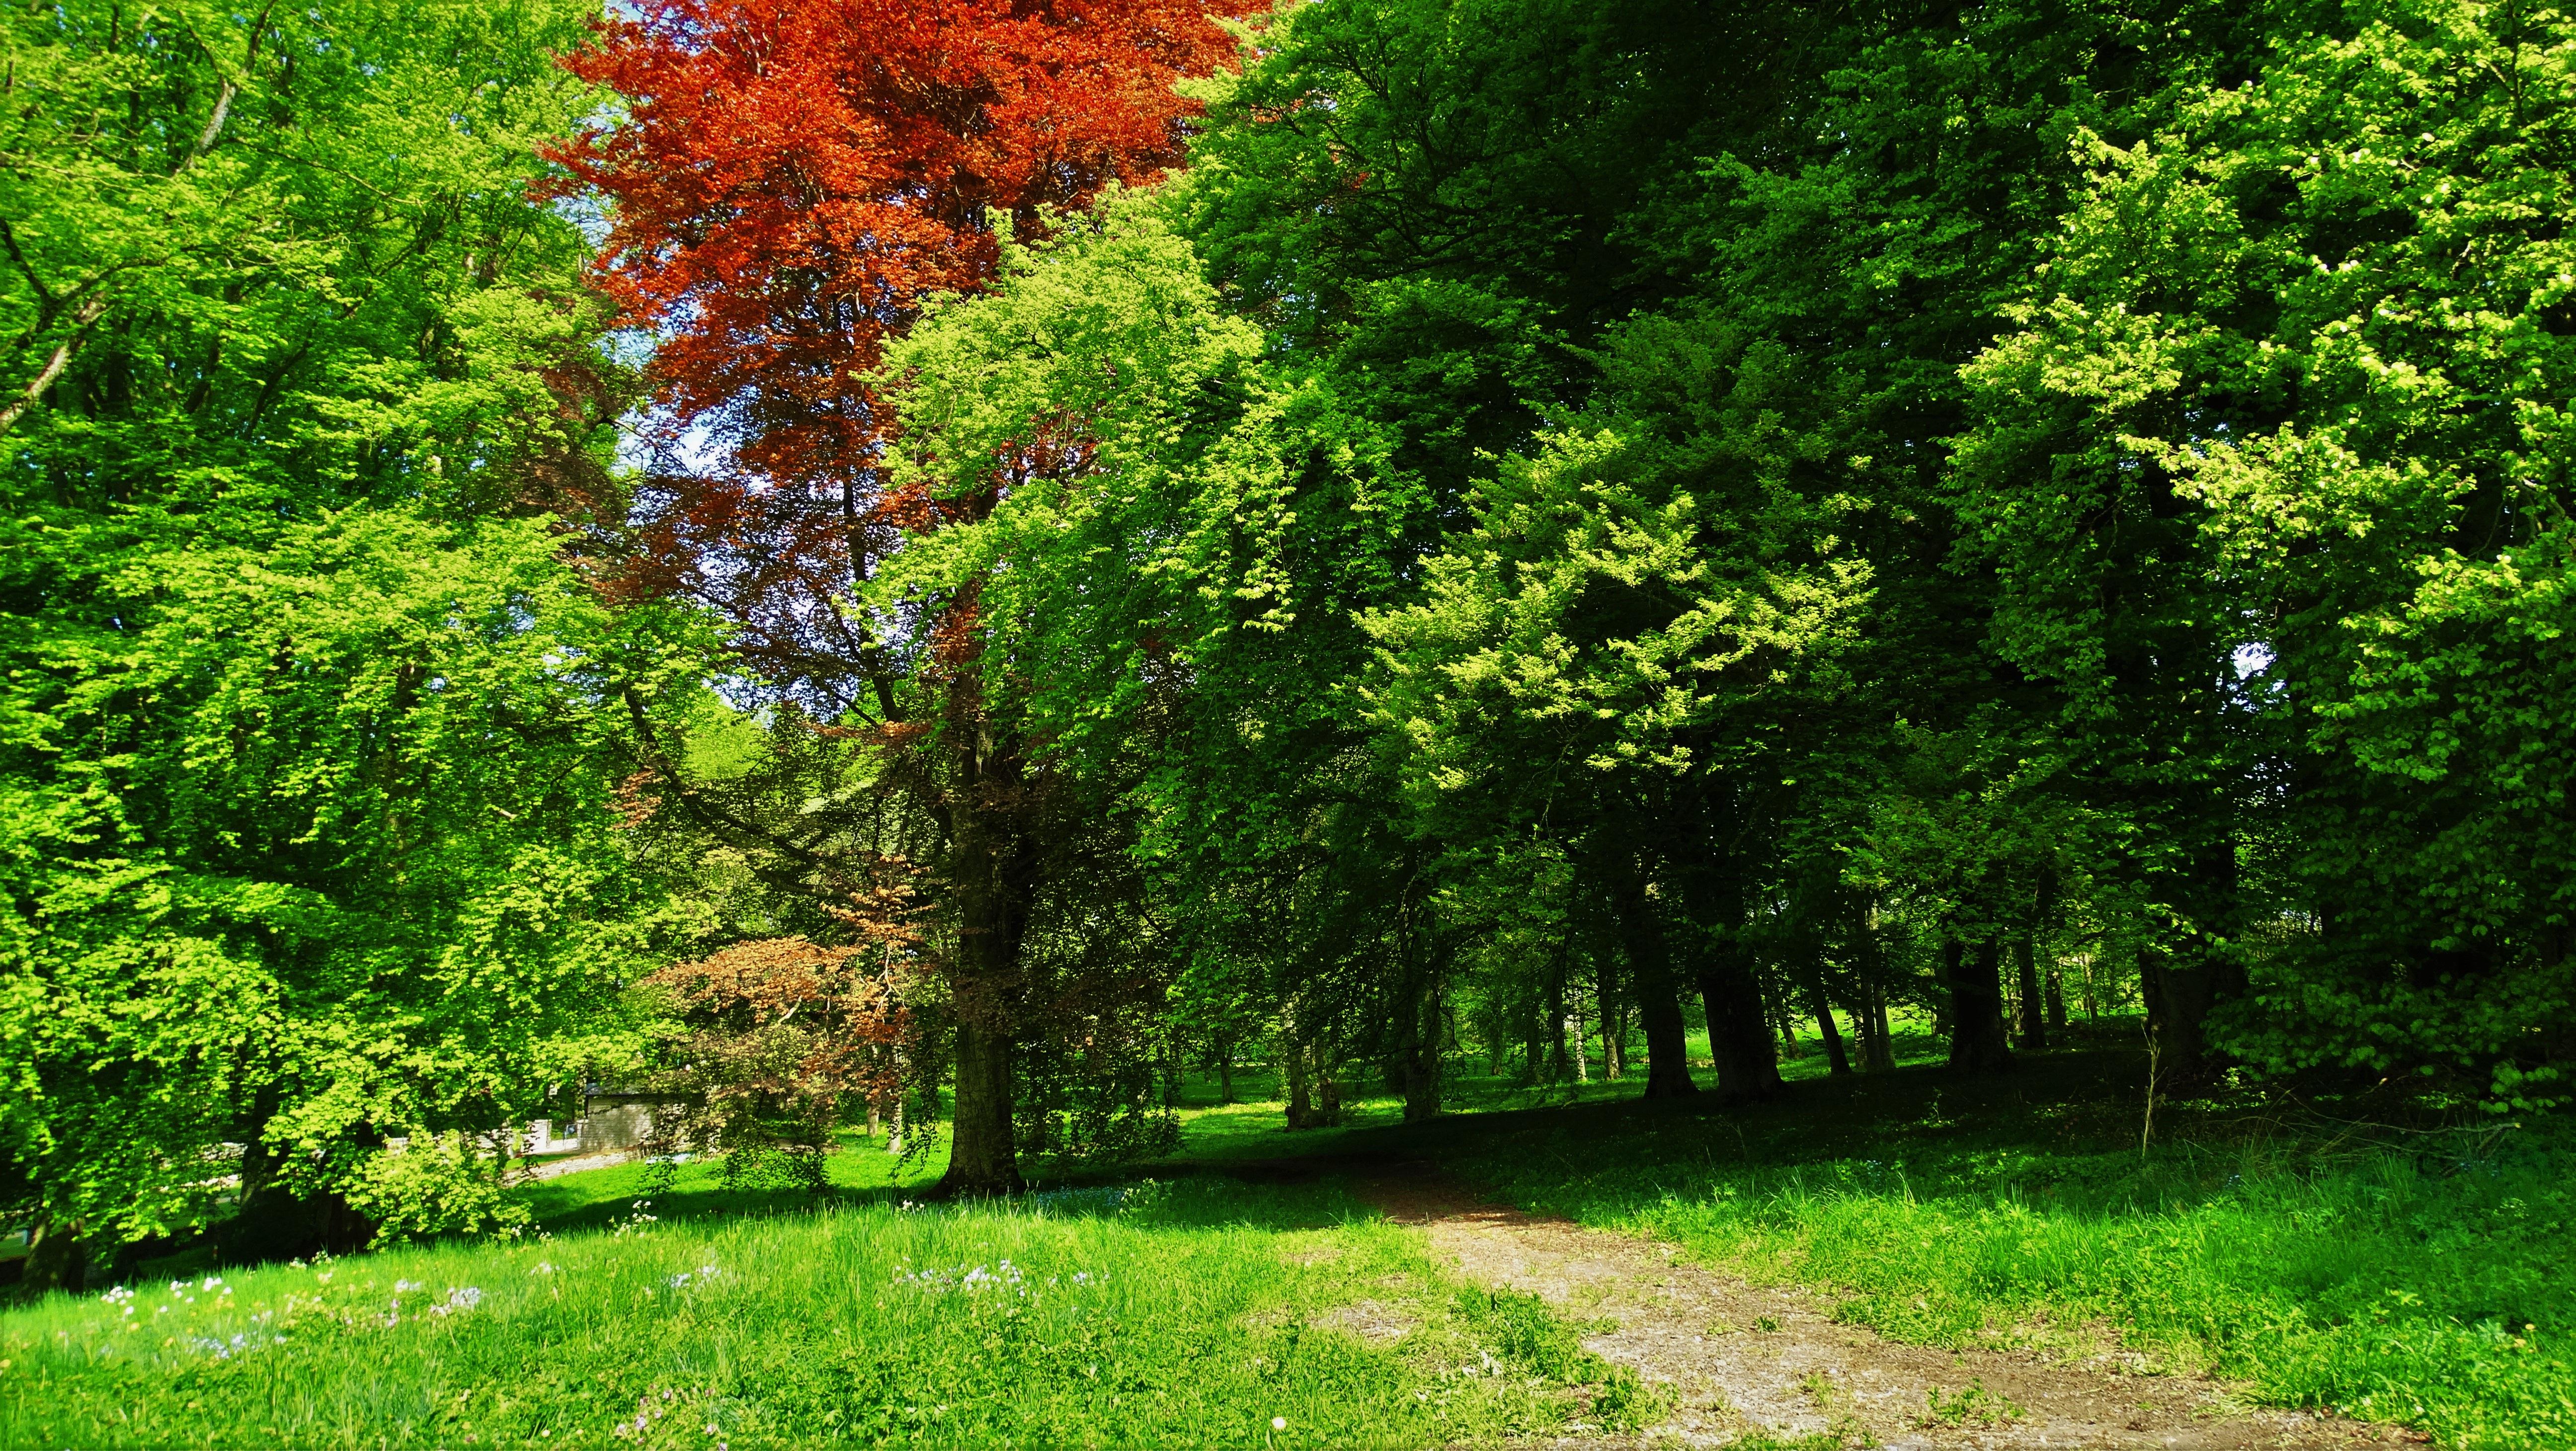 Fotos gratis paisaje rbol naturaleza bosque camino c sped planta prado luz de sol - Arboles jardin ...